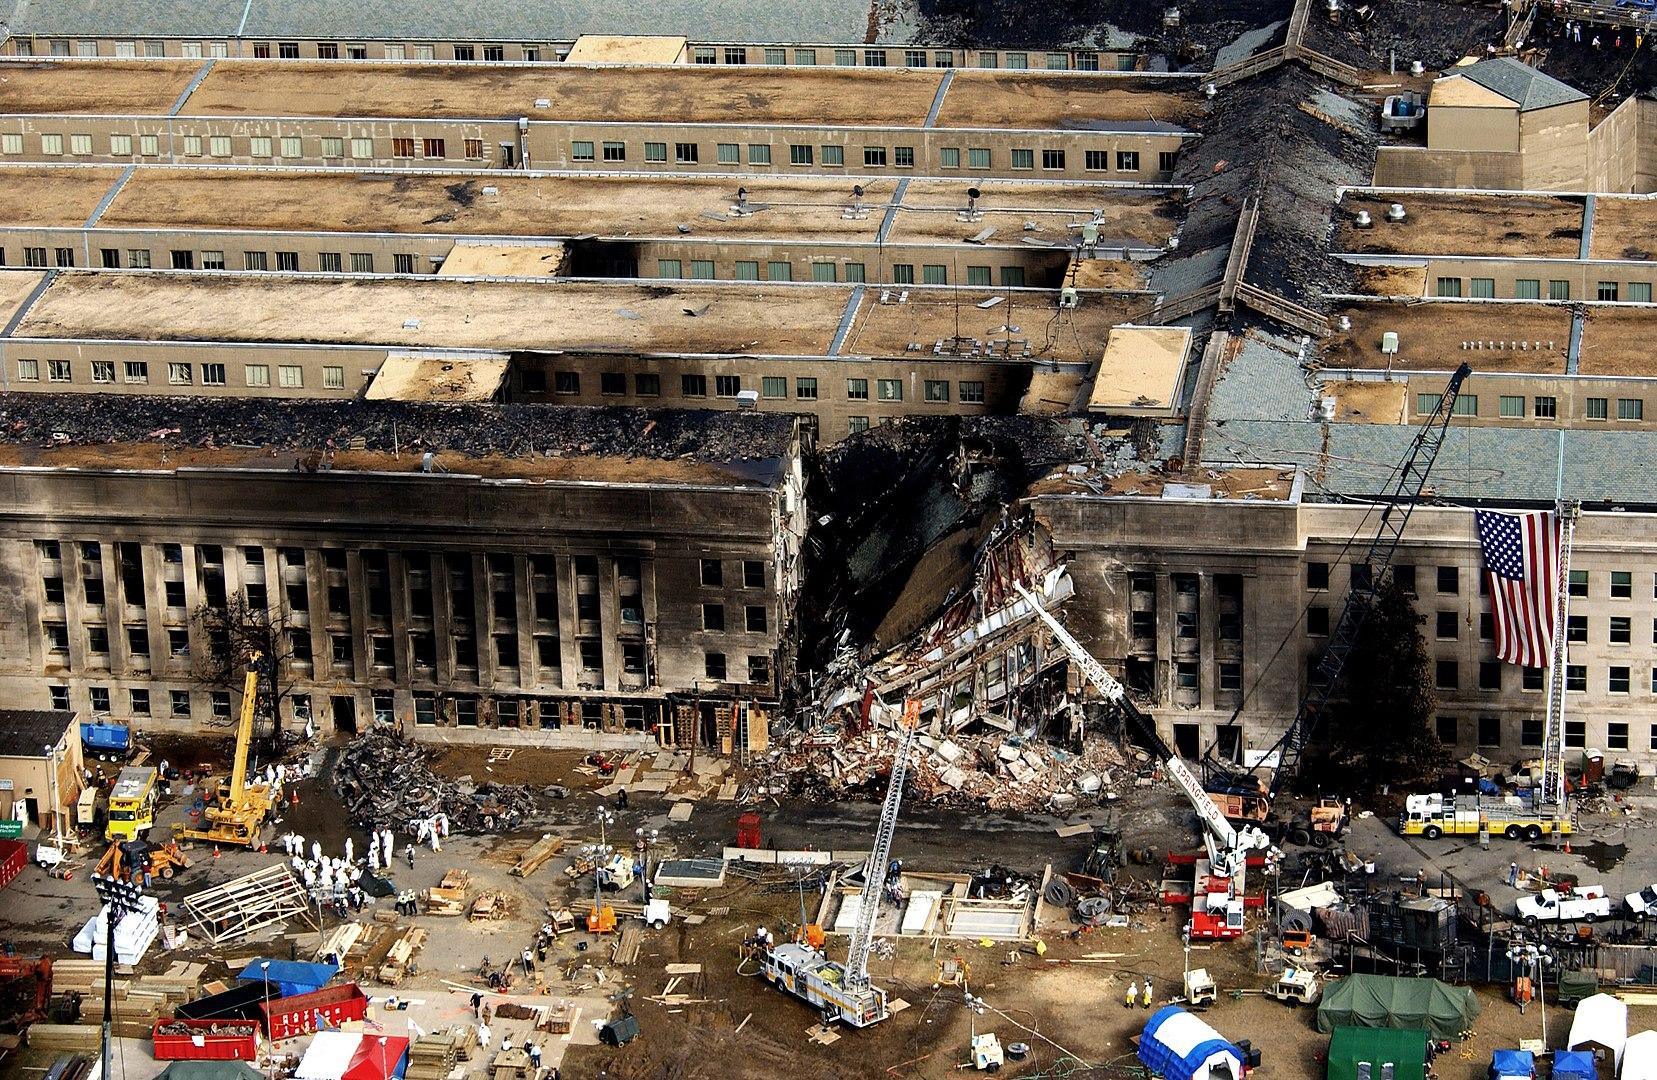 Разрушенное здание Пентагона. Террористы, которых поддерживал аль-Баюми, угнали самолет и врезались именно в Пентагон.